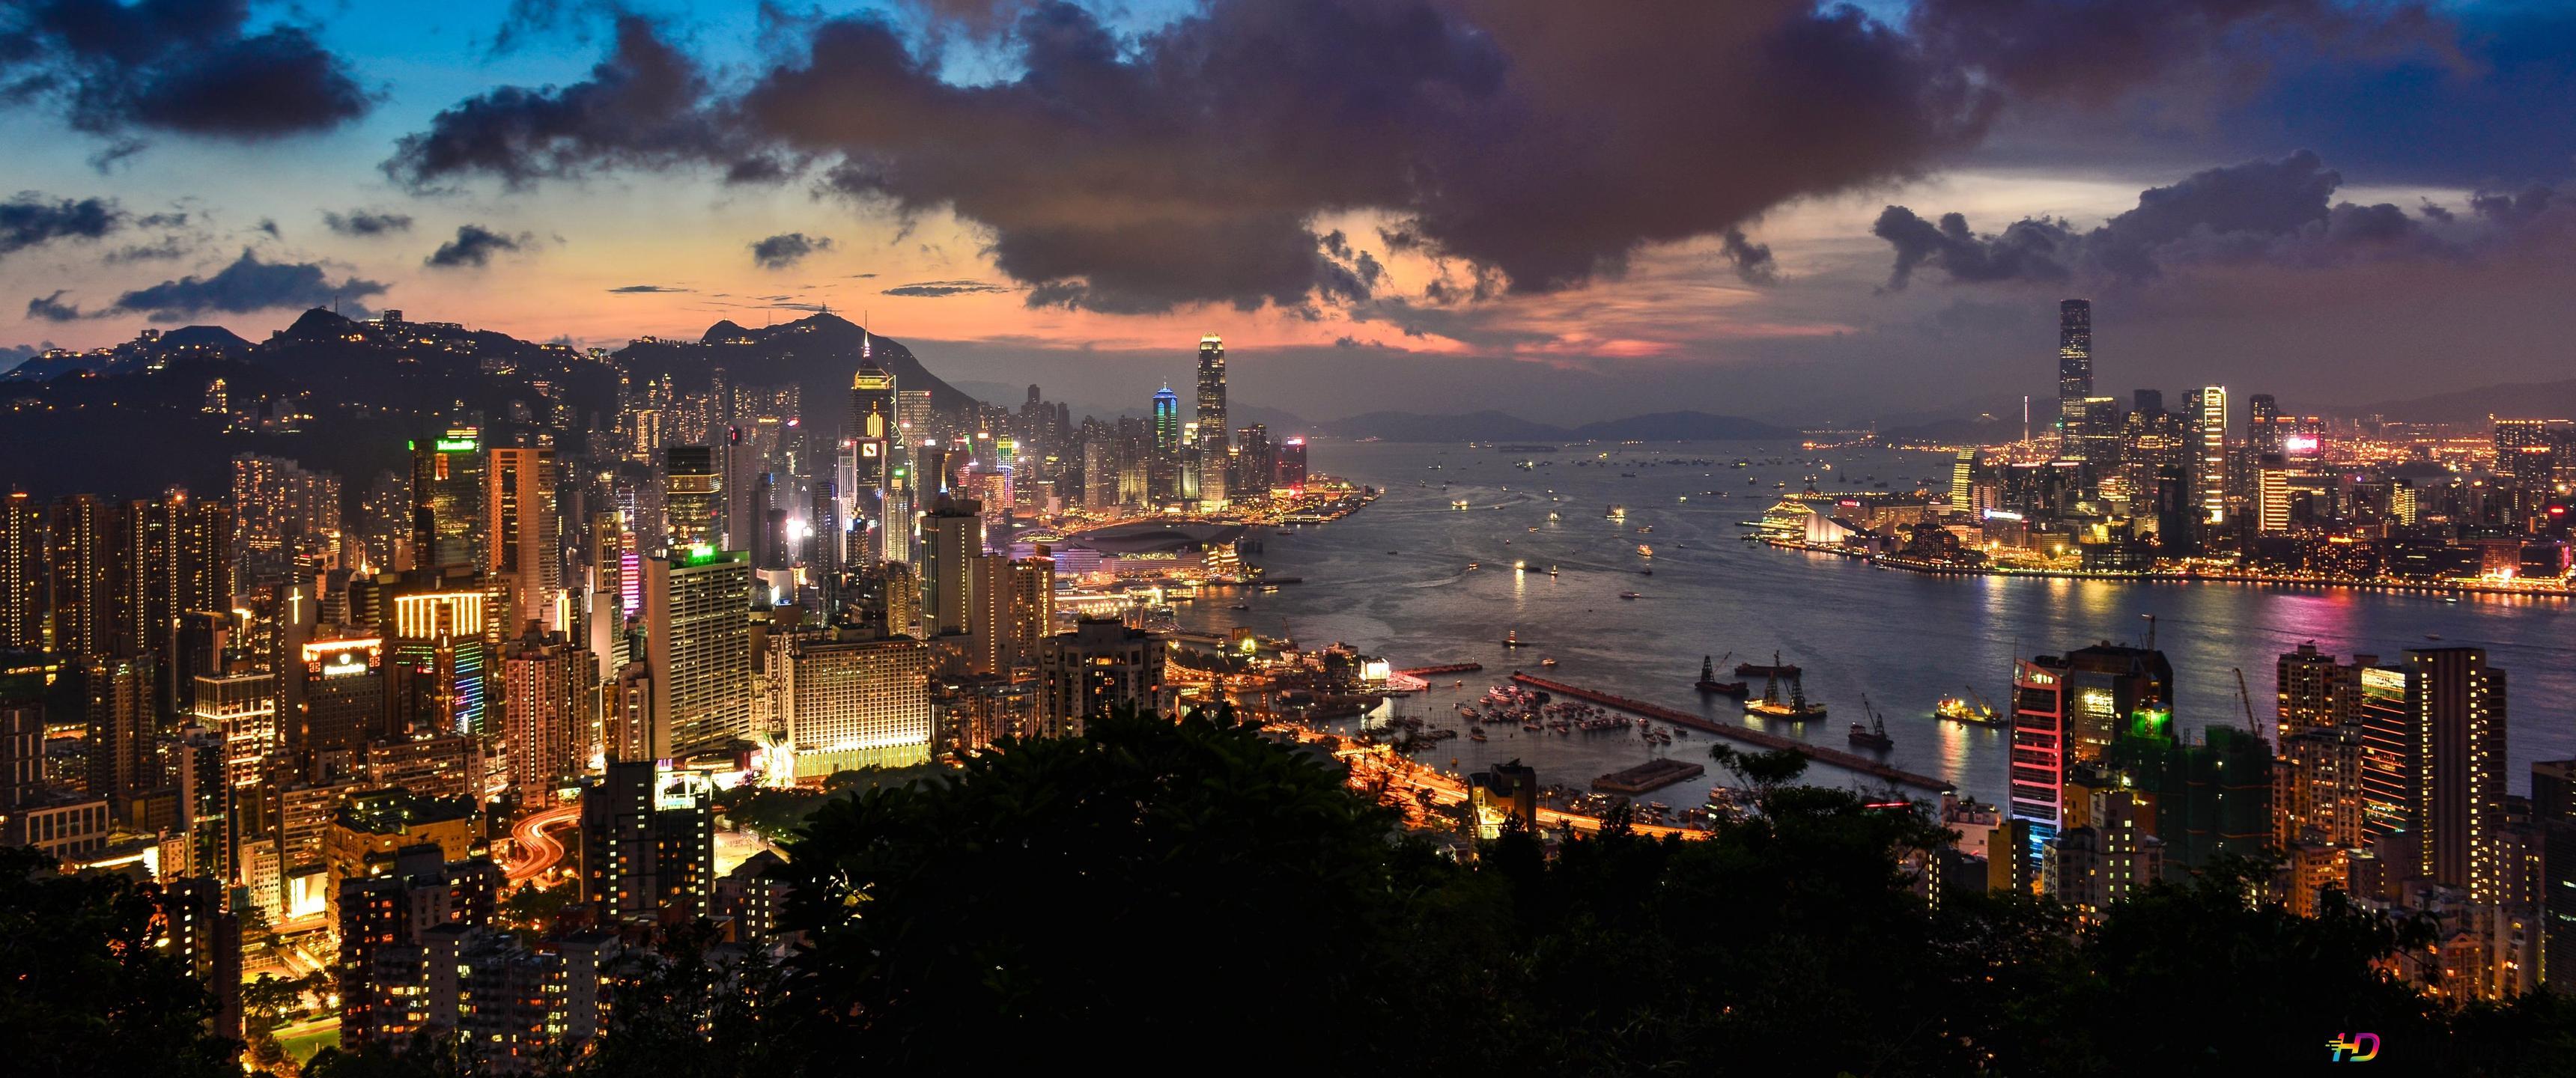 香港の夜と海 Hd壁紙のダウンロード